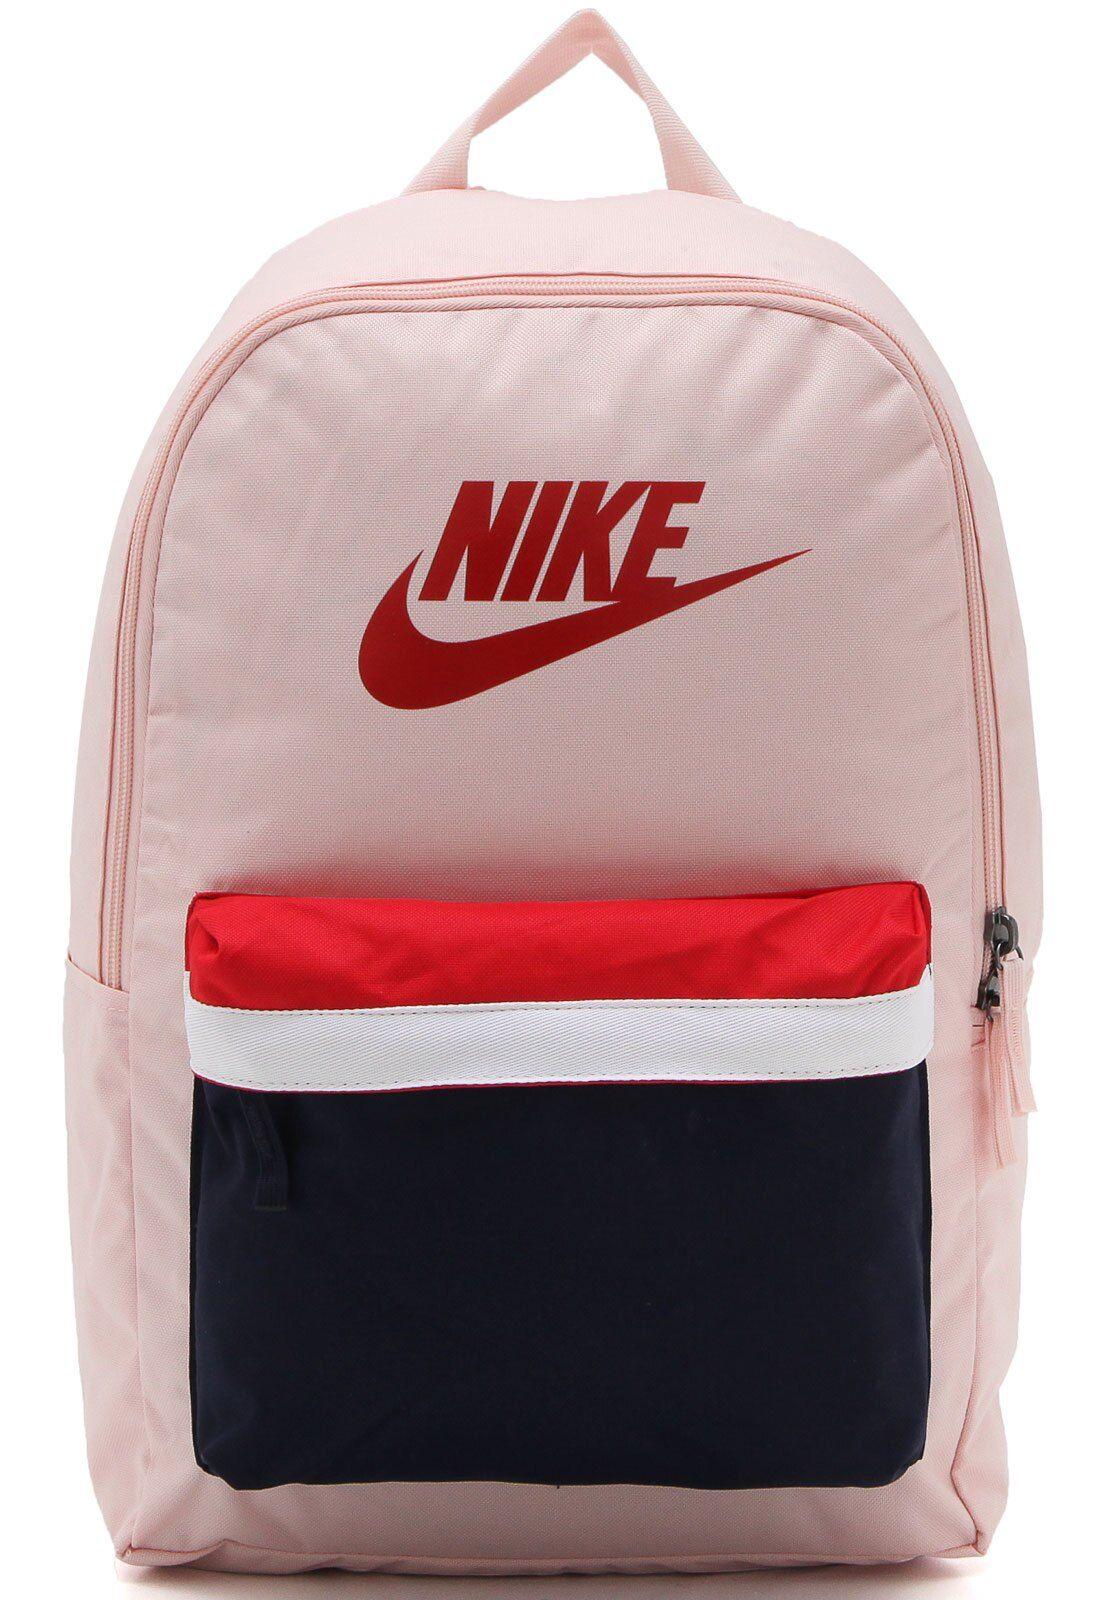 Mochila Nike Sportswear Nk Heritage Bkpk 2.0 Rosa em 2020